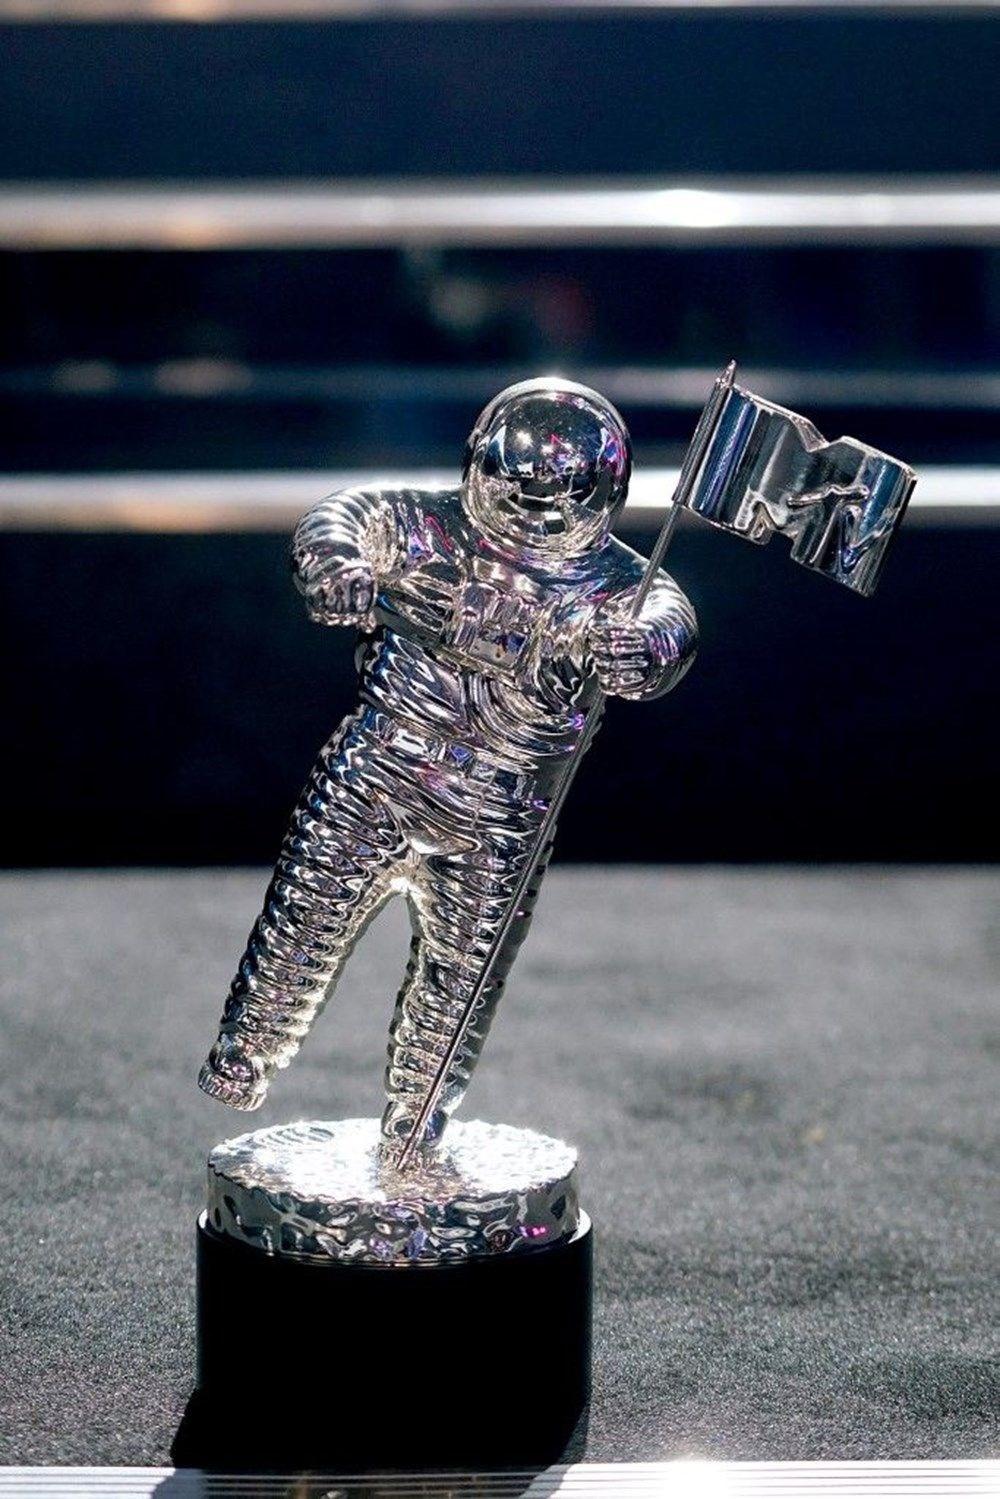 2020 MTV Video Müzik Ödülleri sahiplerini buldu - 14